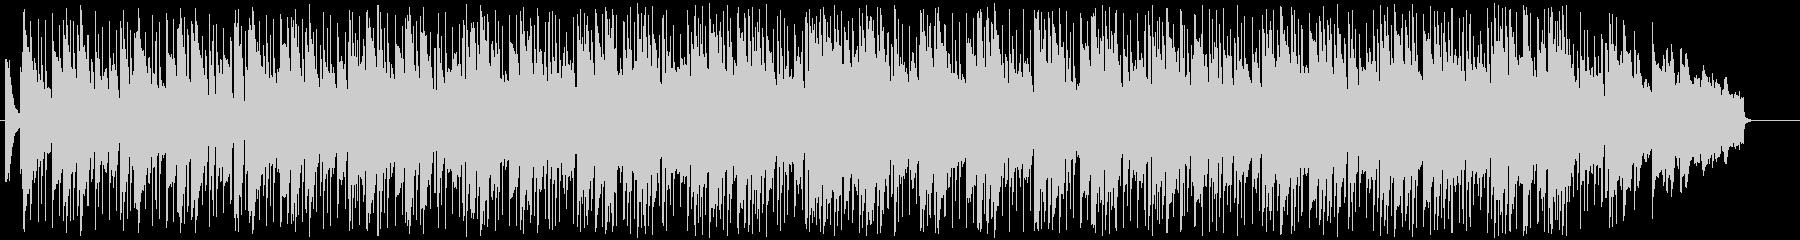 ドラマ向け旅立ちのピアノバラードの未再生の波形